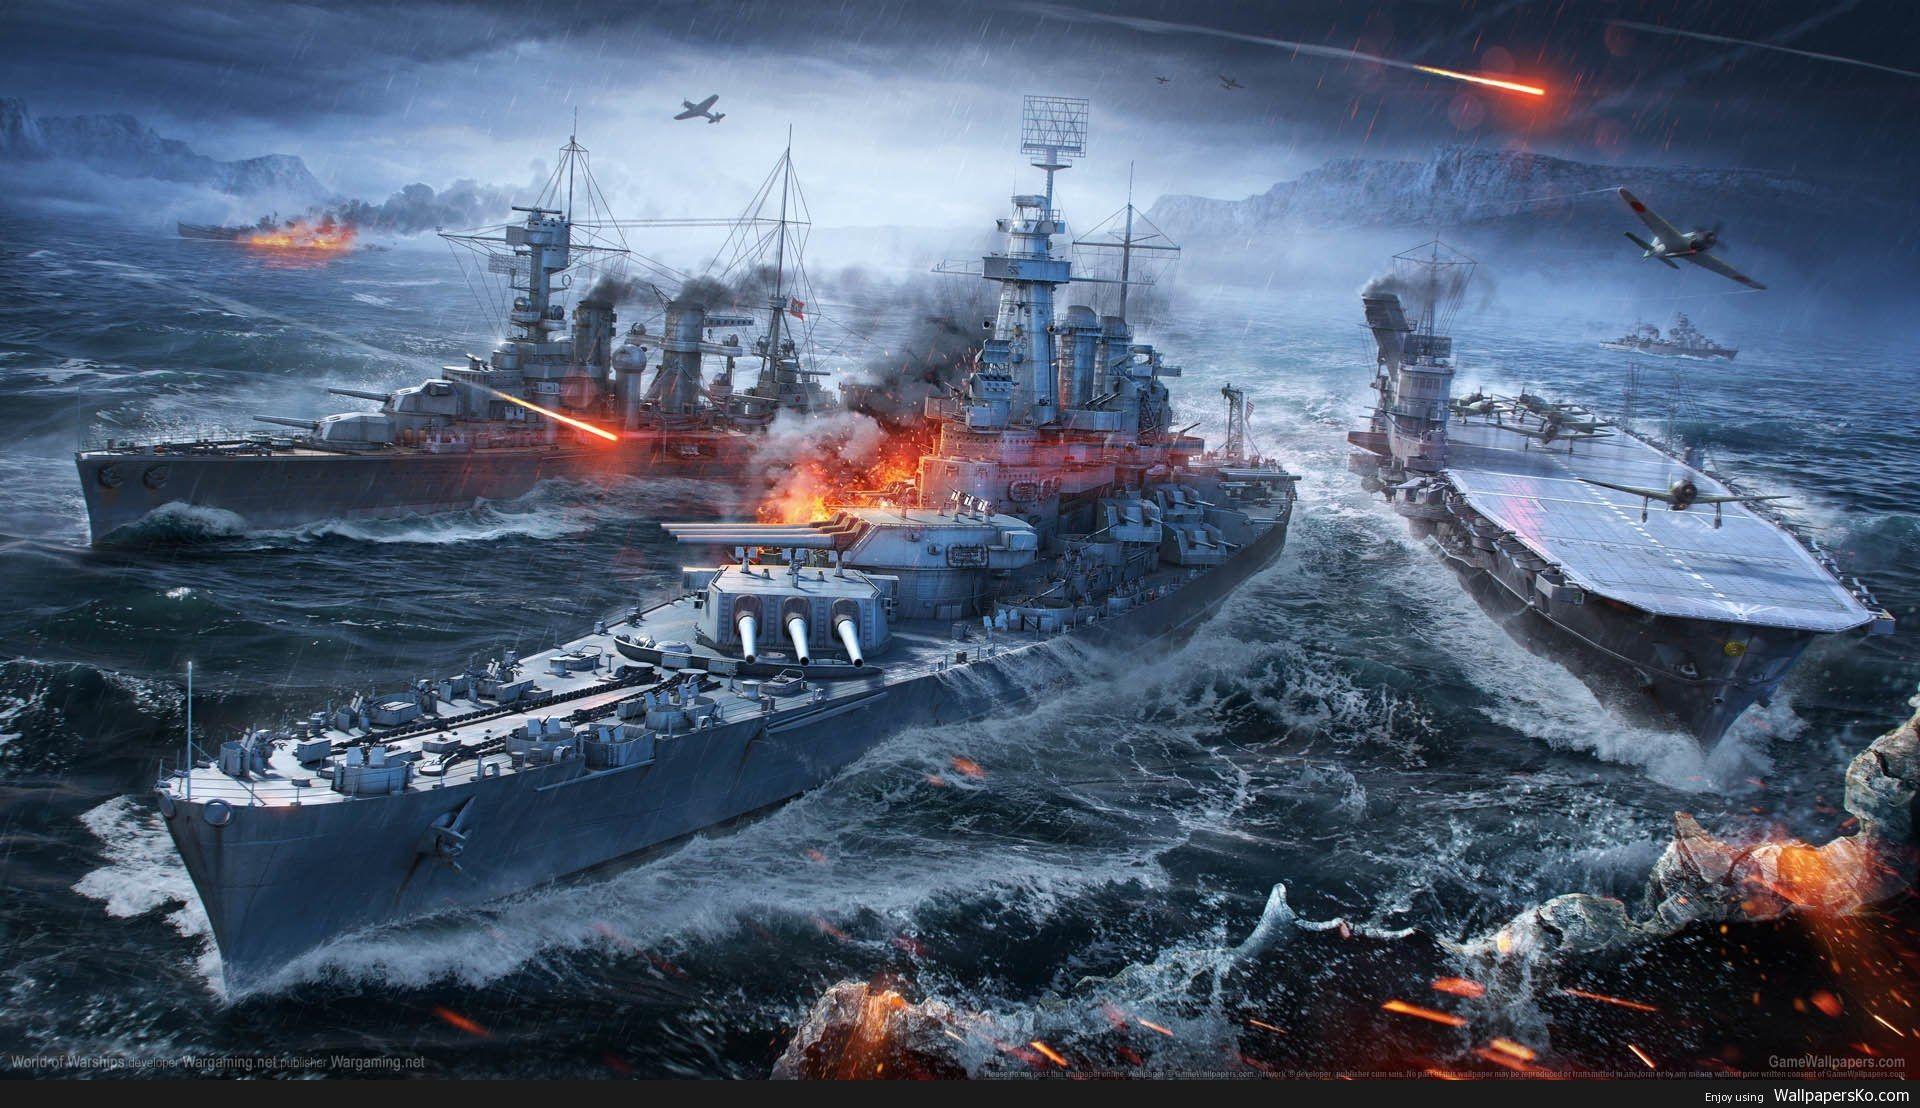 World Of Warships Wallpaper Http Wallpapersko Com World Of Warships Wallpaper Html Hd Wallpapers Download World Of Warships Wallpaper Warship Battleship